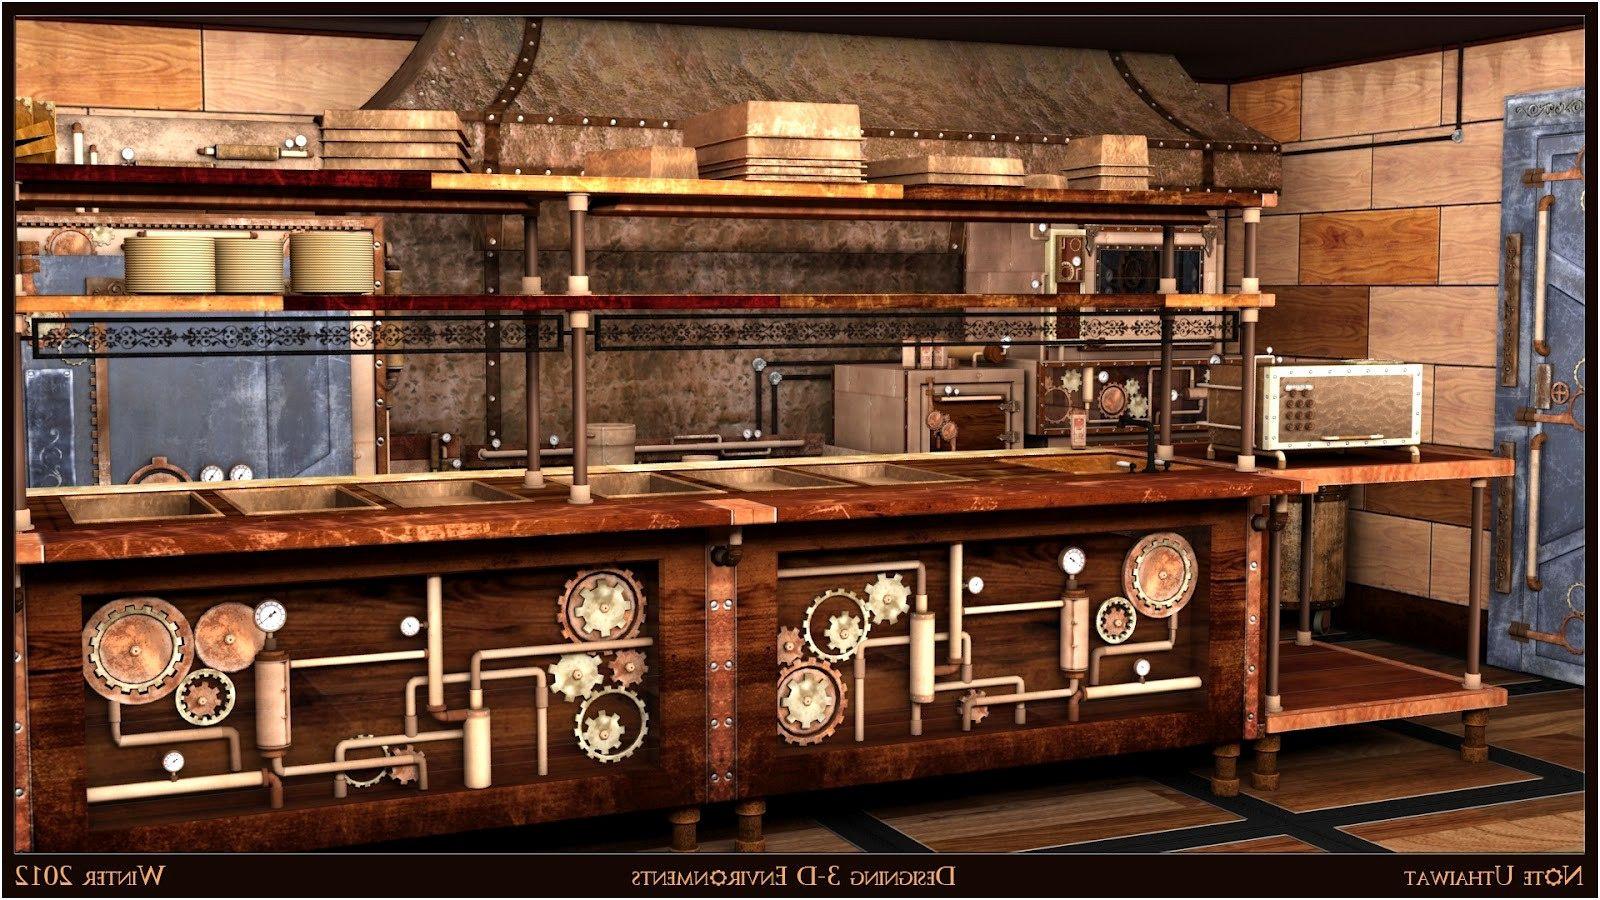 Kitchen Appliances | Steampunk home decor, Steampunk ...